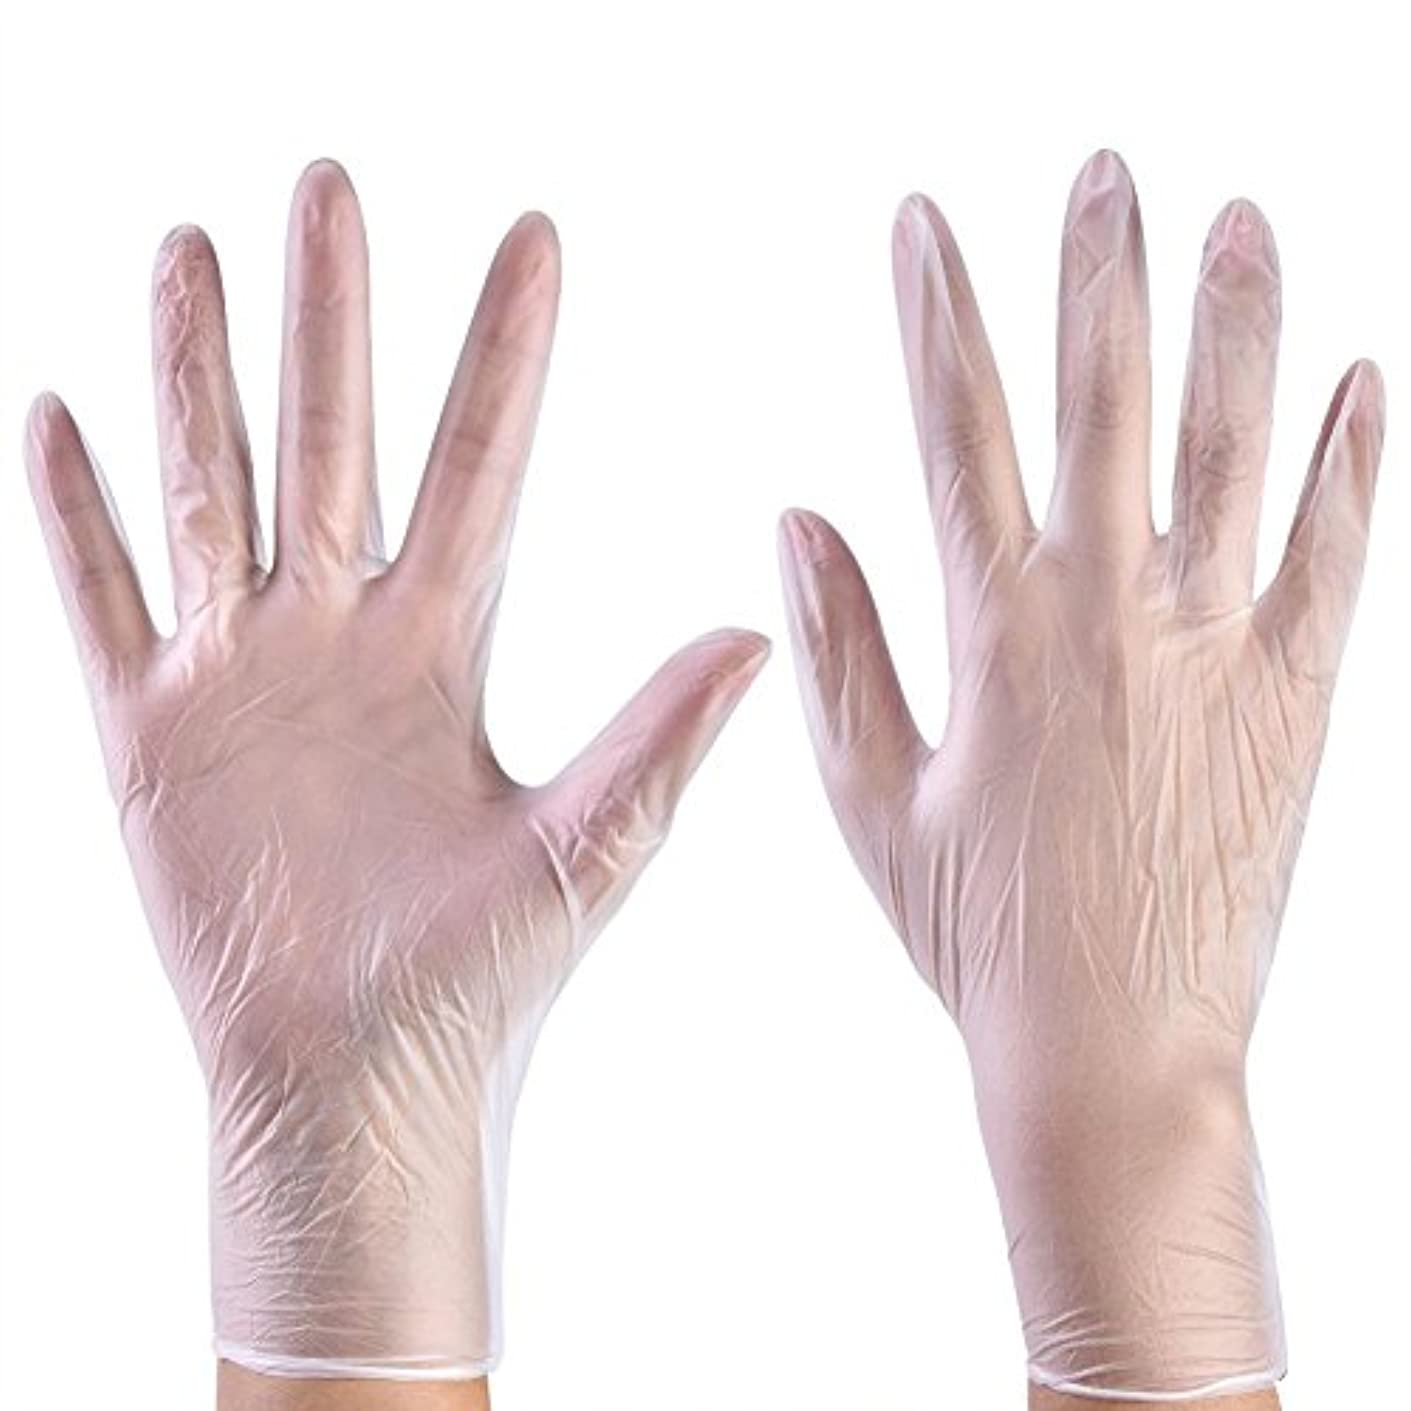 アクセシブルヤング意気揚々使い捨て手袋 ニトリルグローブ ホワイト 粉なし タトゥー/歯科/病院/研究室に適応 S/M/L選択可 100枚 左右兼用(L)